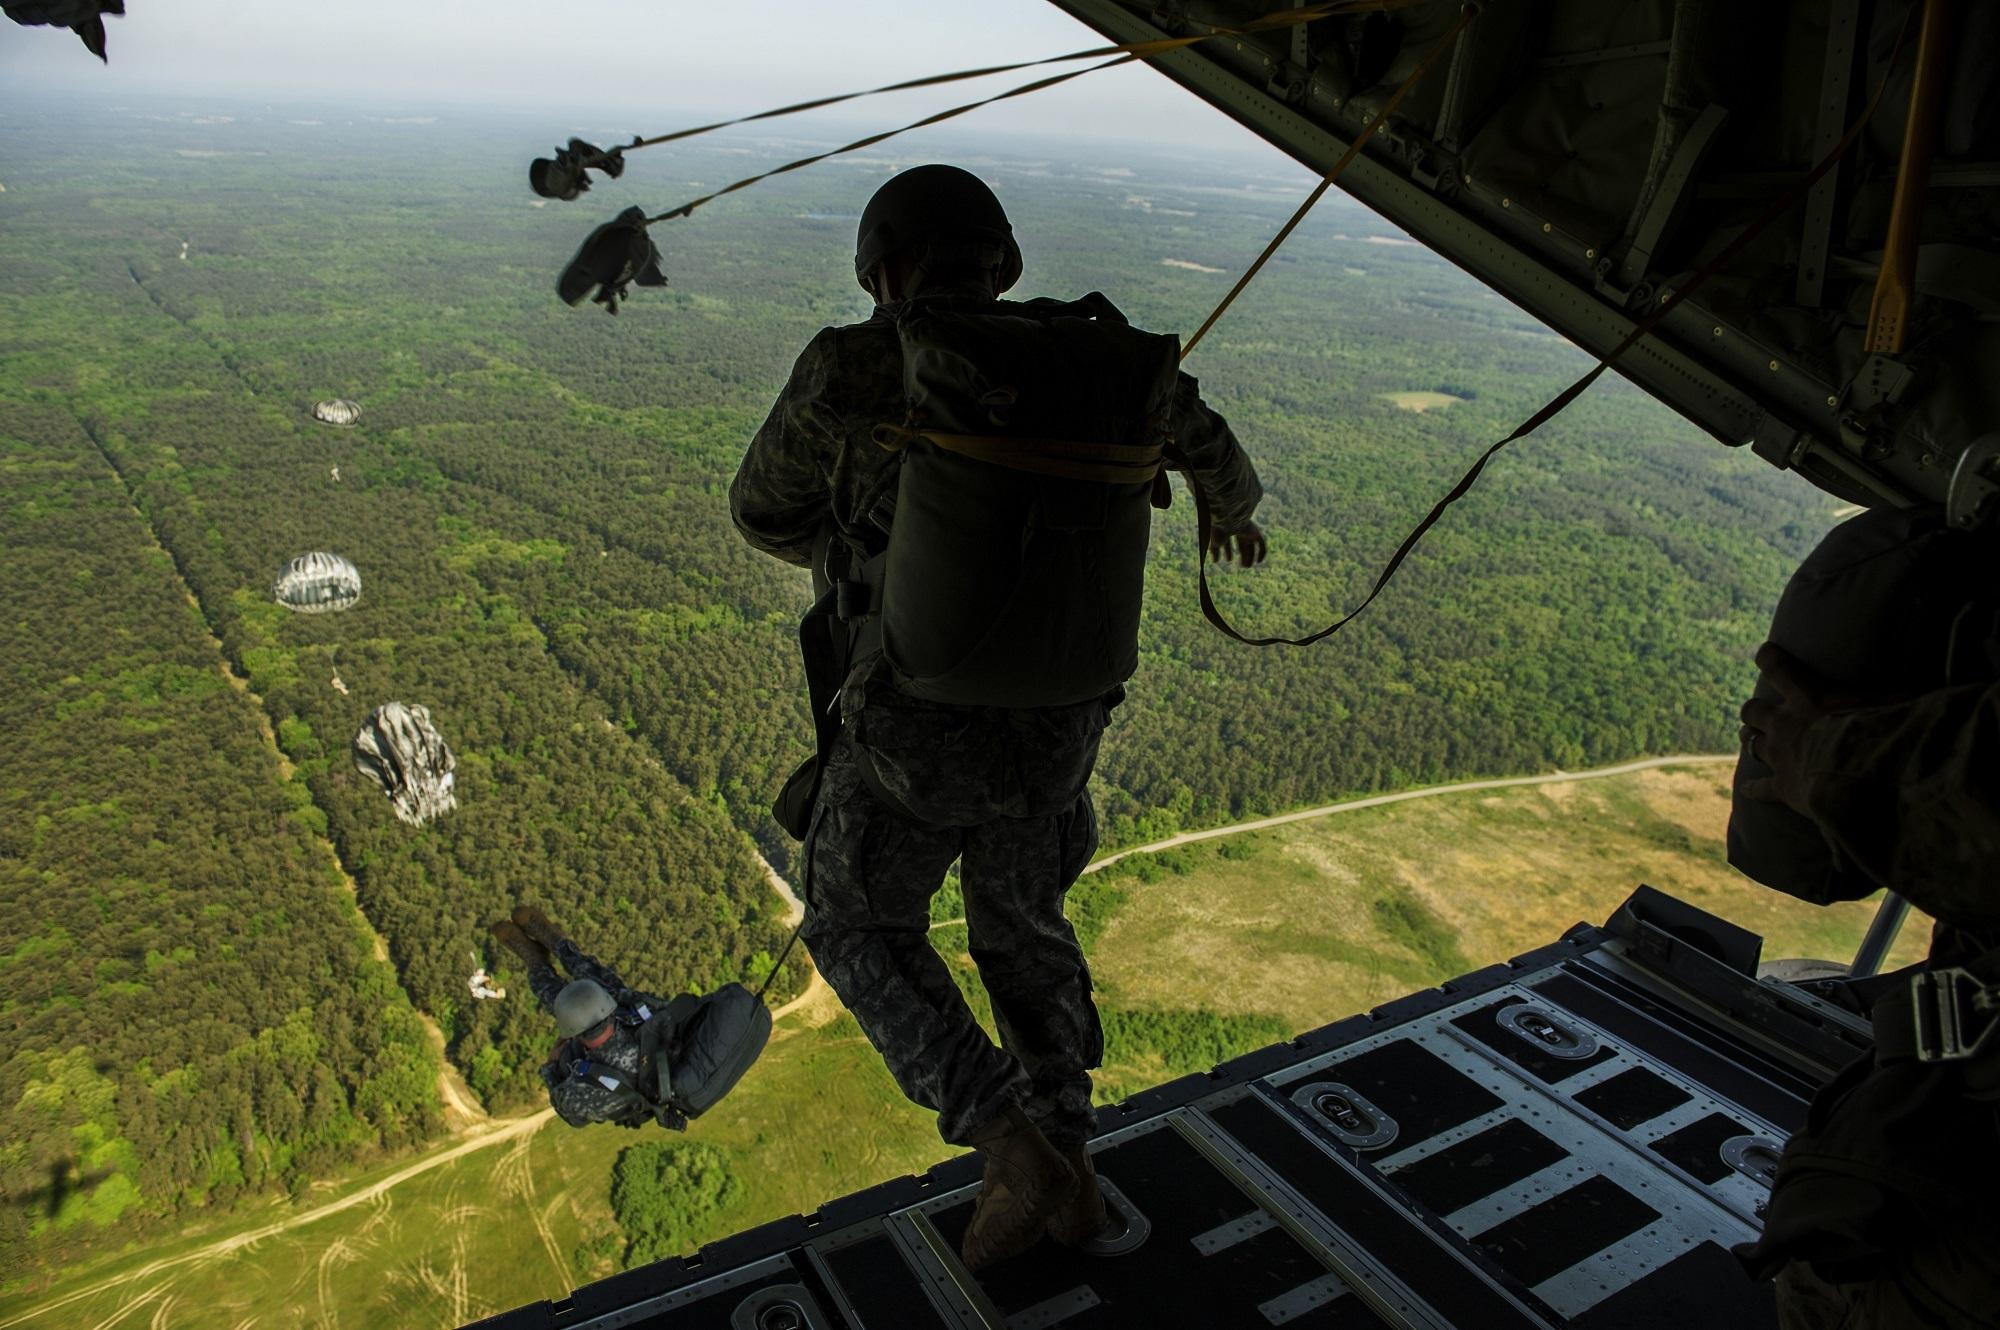 учебы она фото прыжков с парашютом десантников пуговицами придать